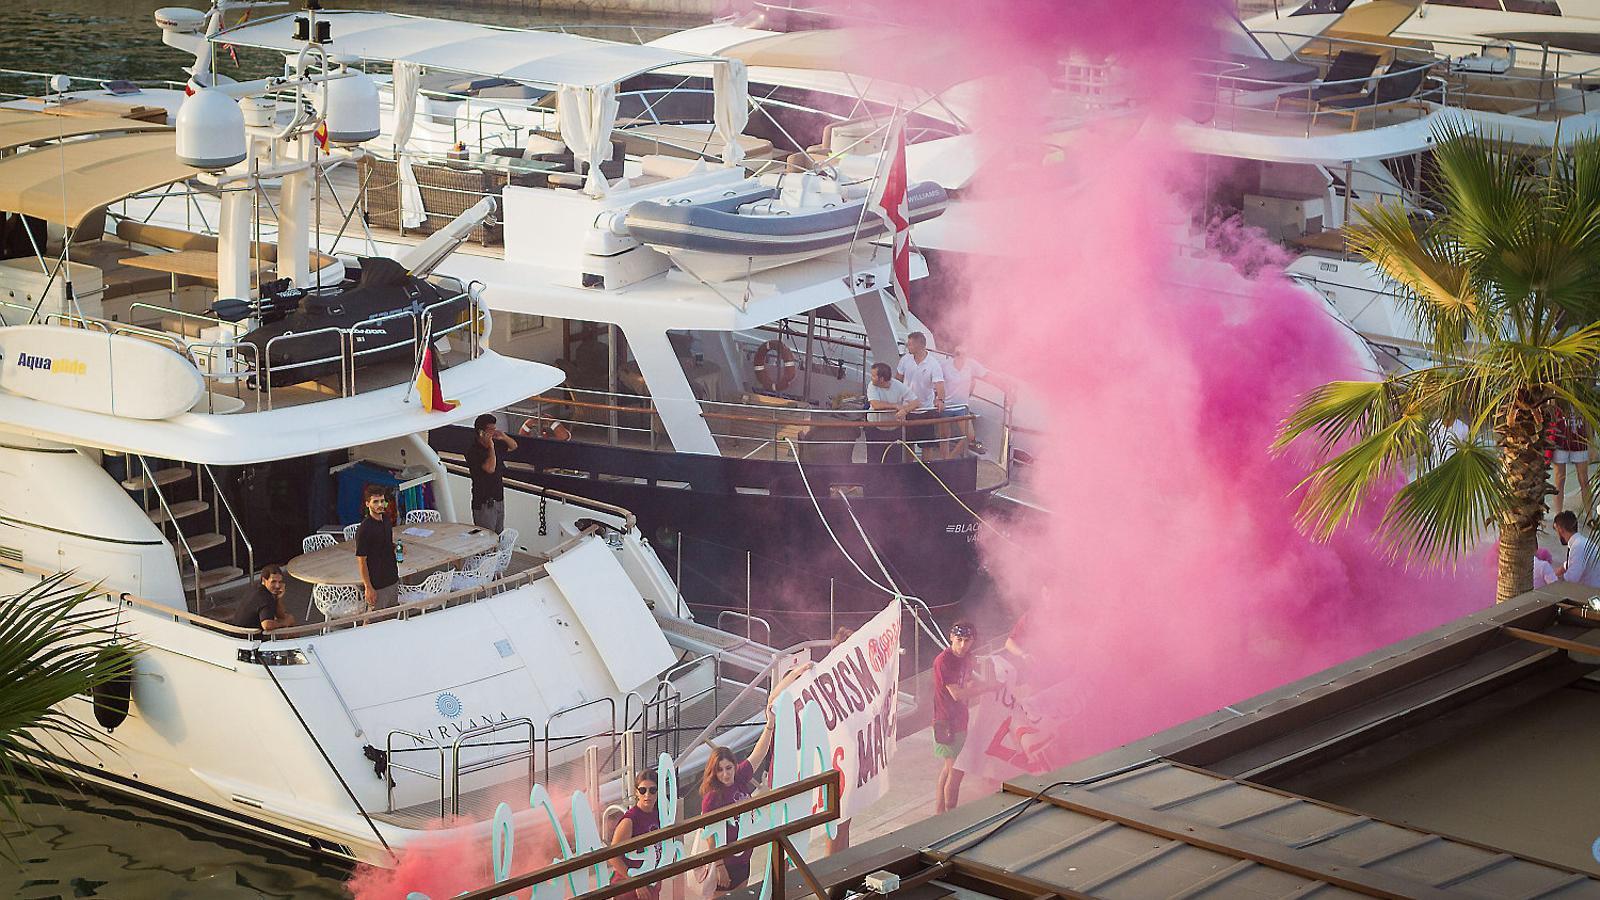 Arran Palma va dur a terme una acció al moll Vell el 22 de juliol per tal de denunciar els efectes negatius del turisme a la ciutat.